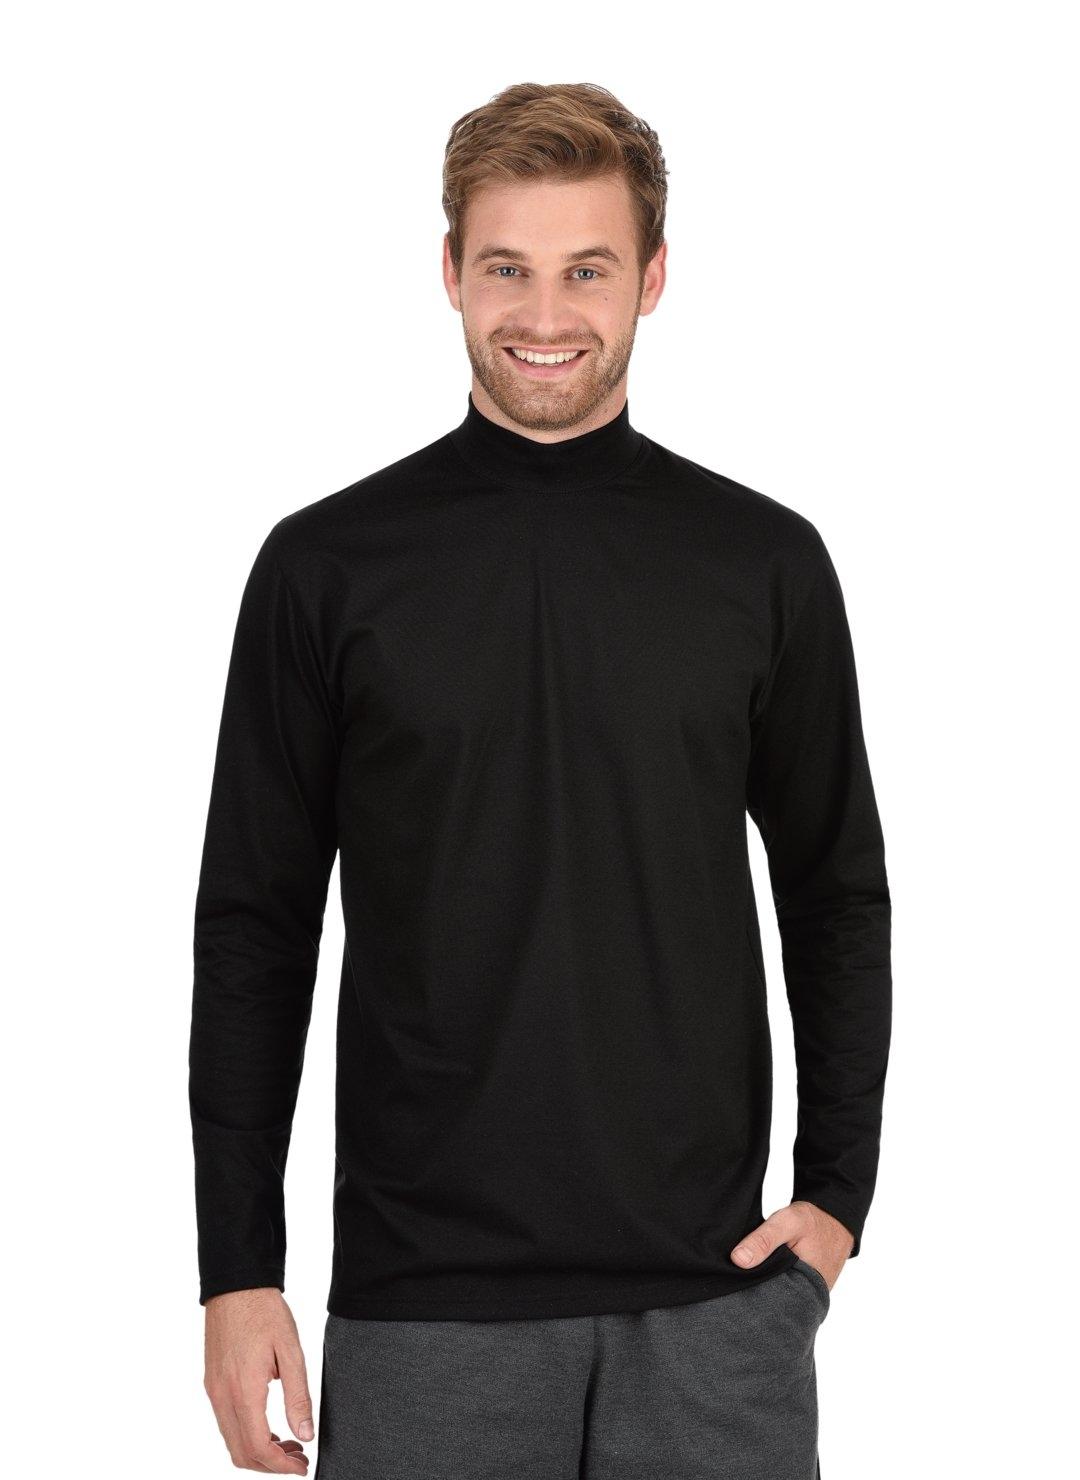 Trigema shirt met lange mouwen met opstaande kraag bestellen: 30 dagen bedenktijd